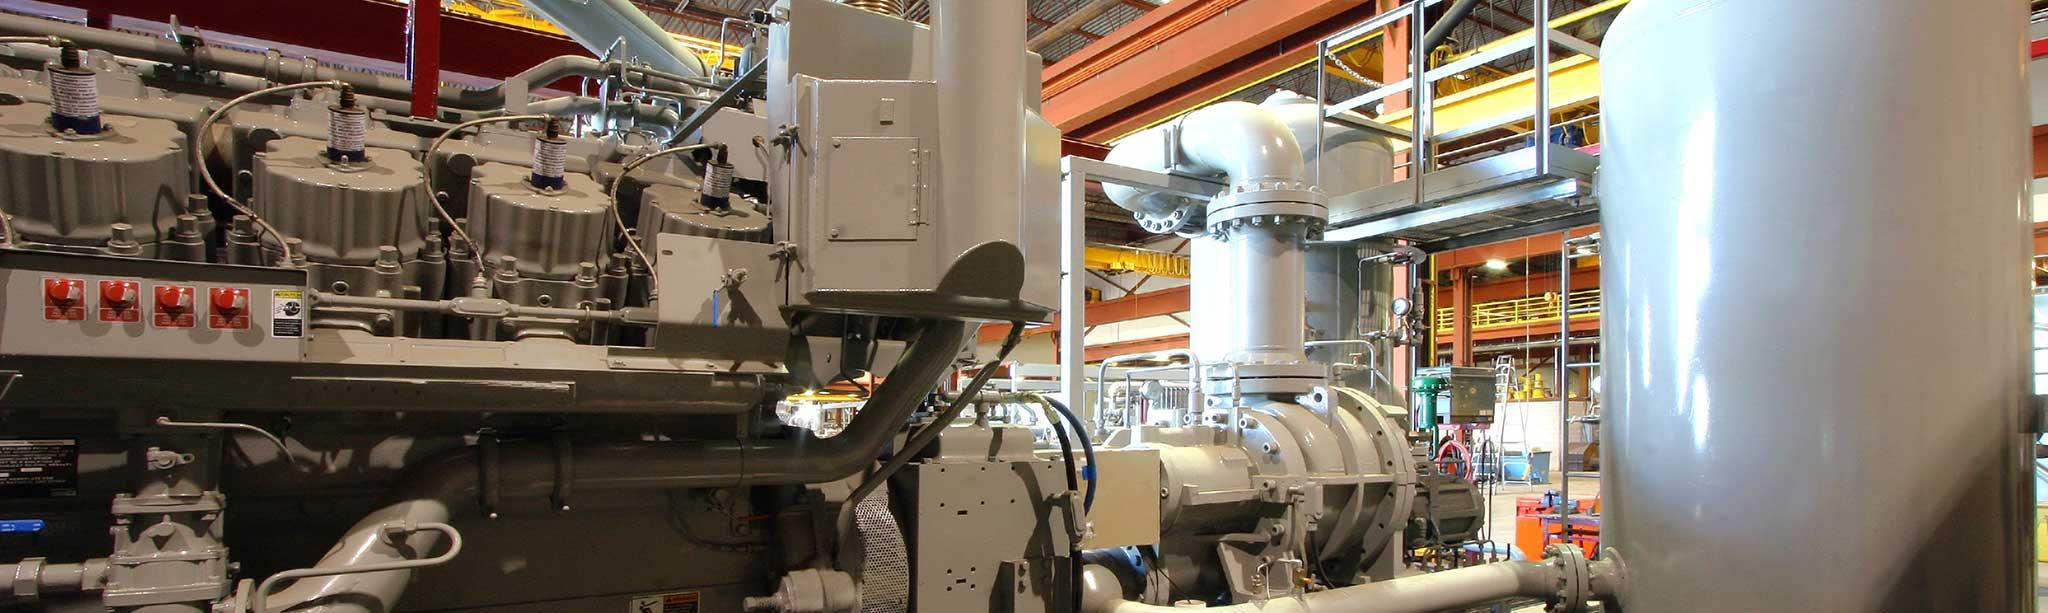 Air-Fuel Ratio Header Image